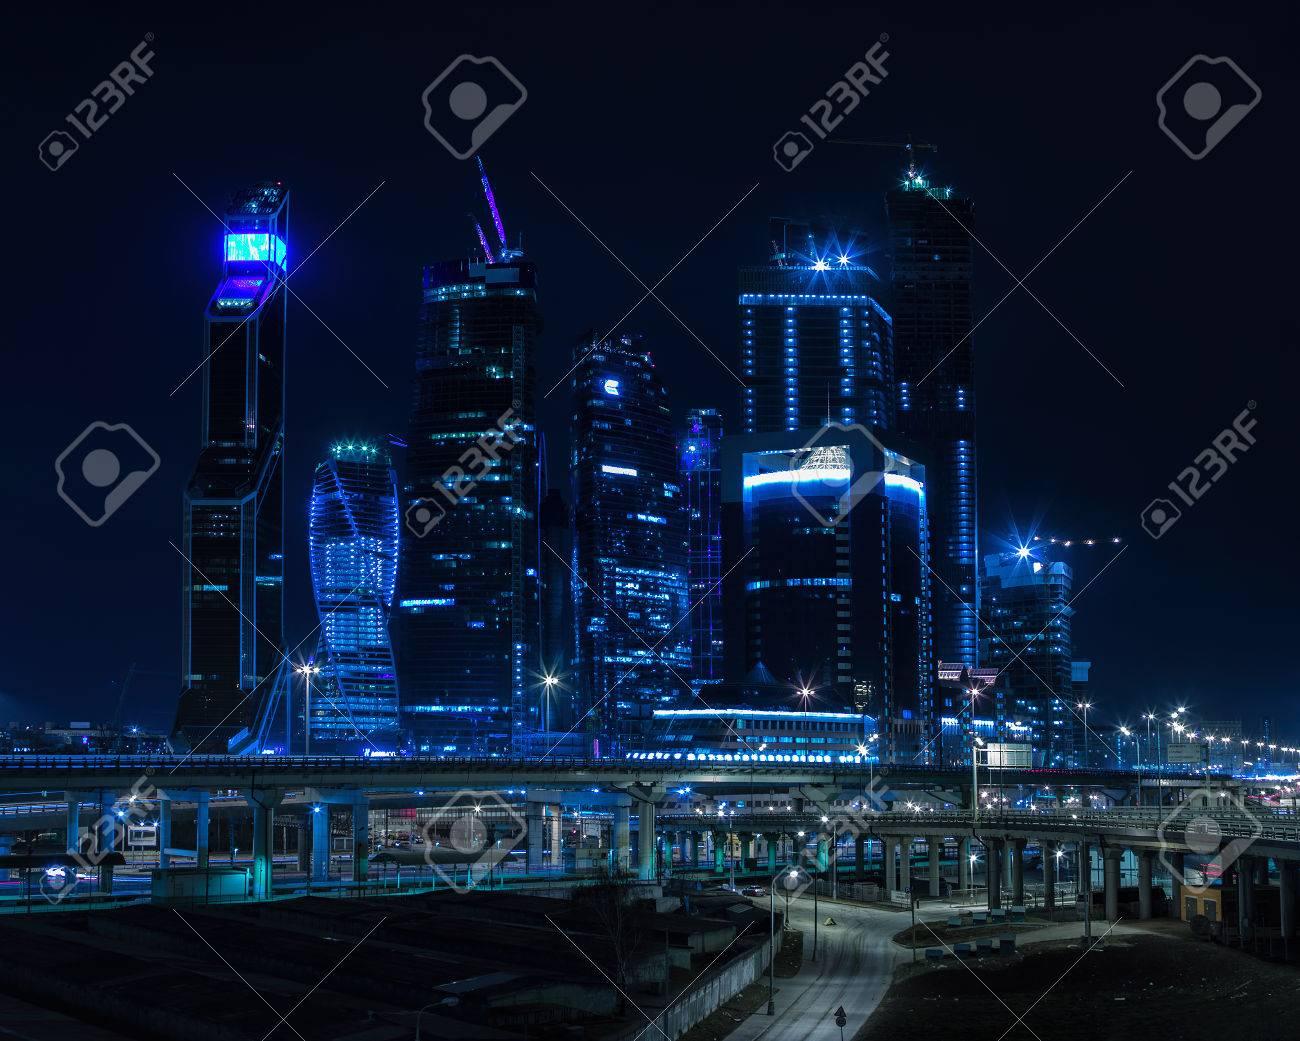 Immagini Stock Orizzontale Vivido Blu Notte Mosca Città Centro